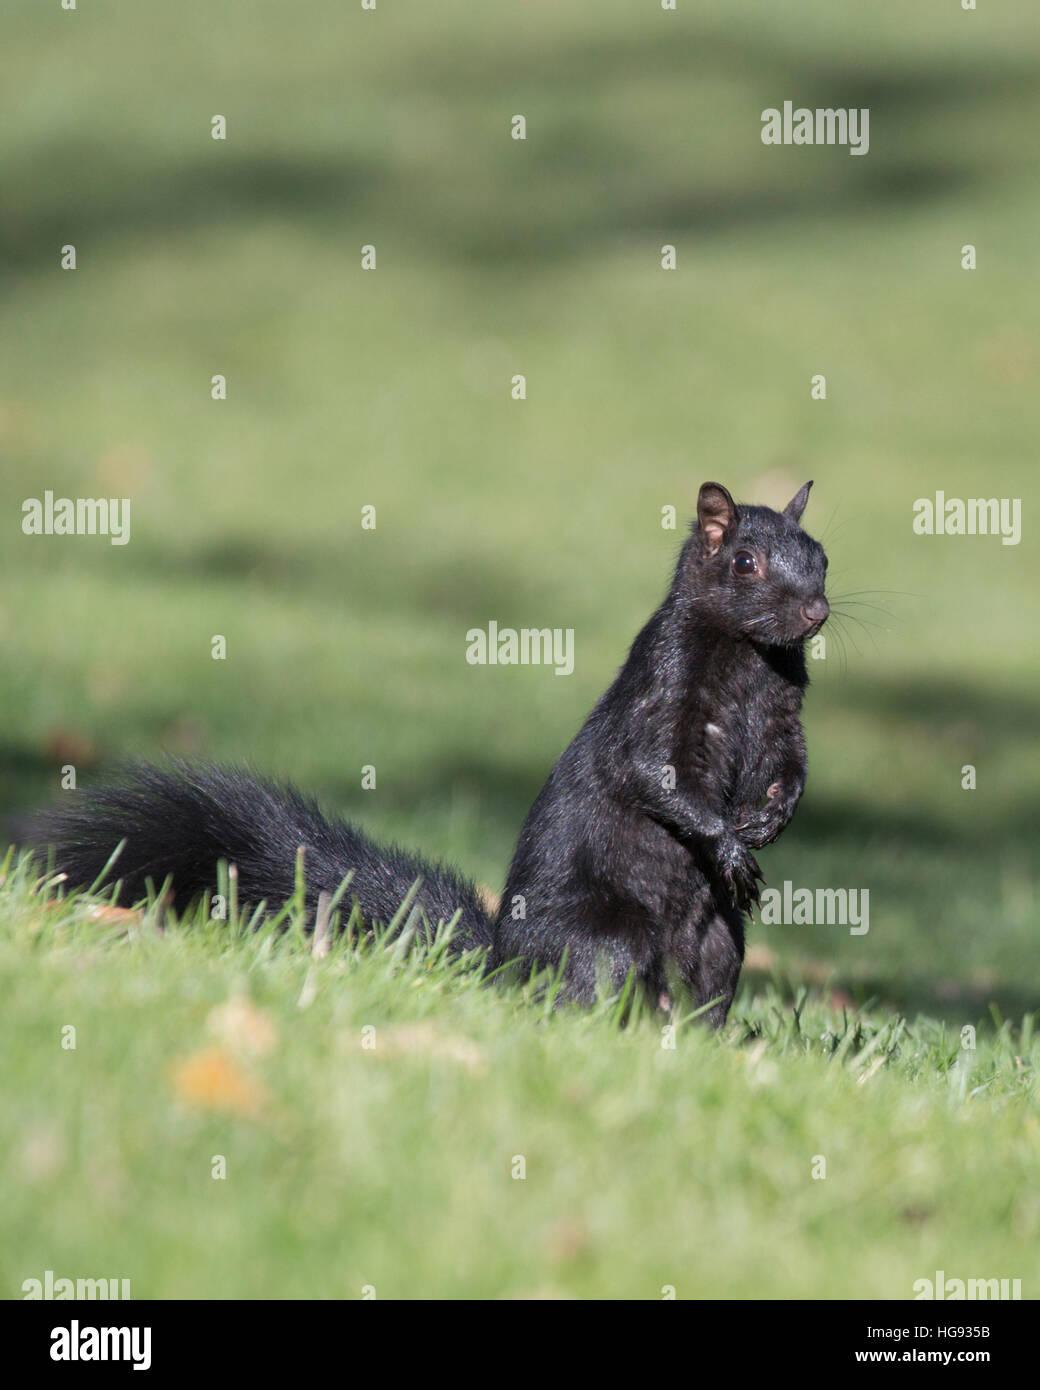 Eastern Grey Squirrel (Sciurus carolinensis) - Stock Image